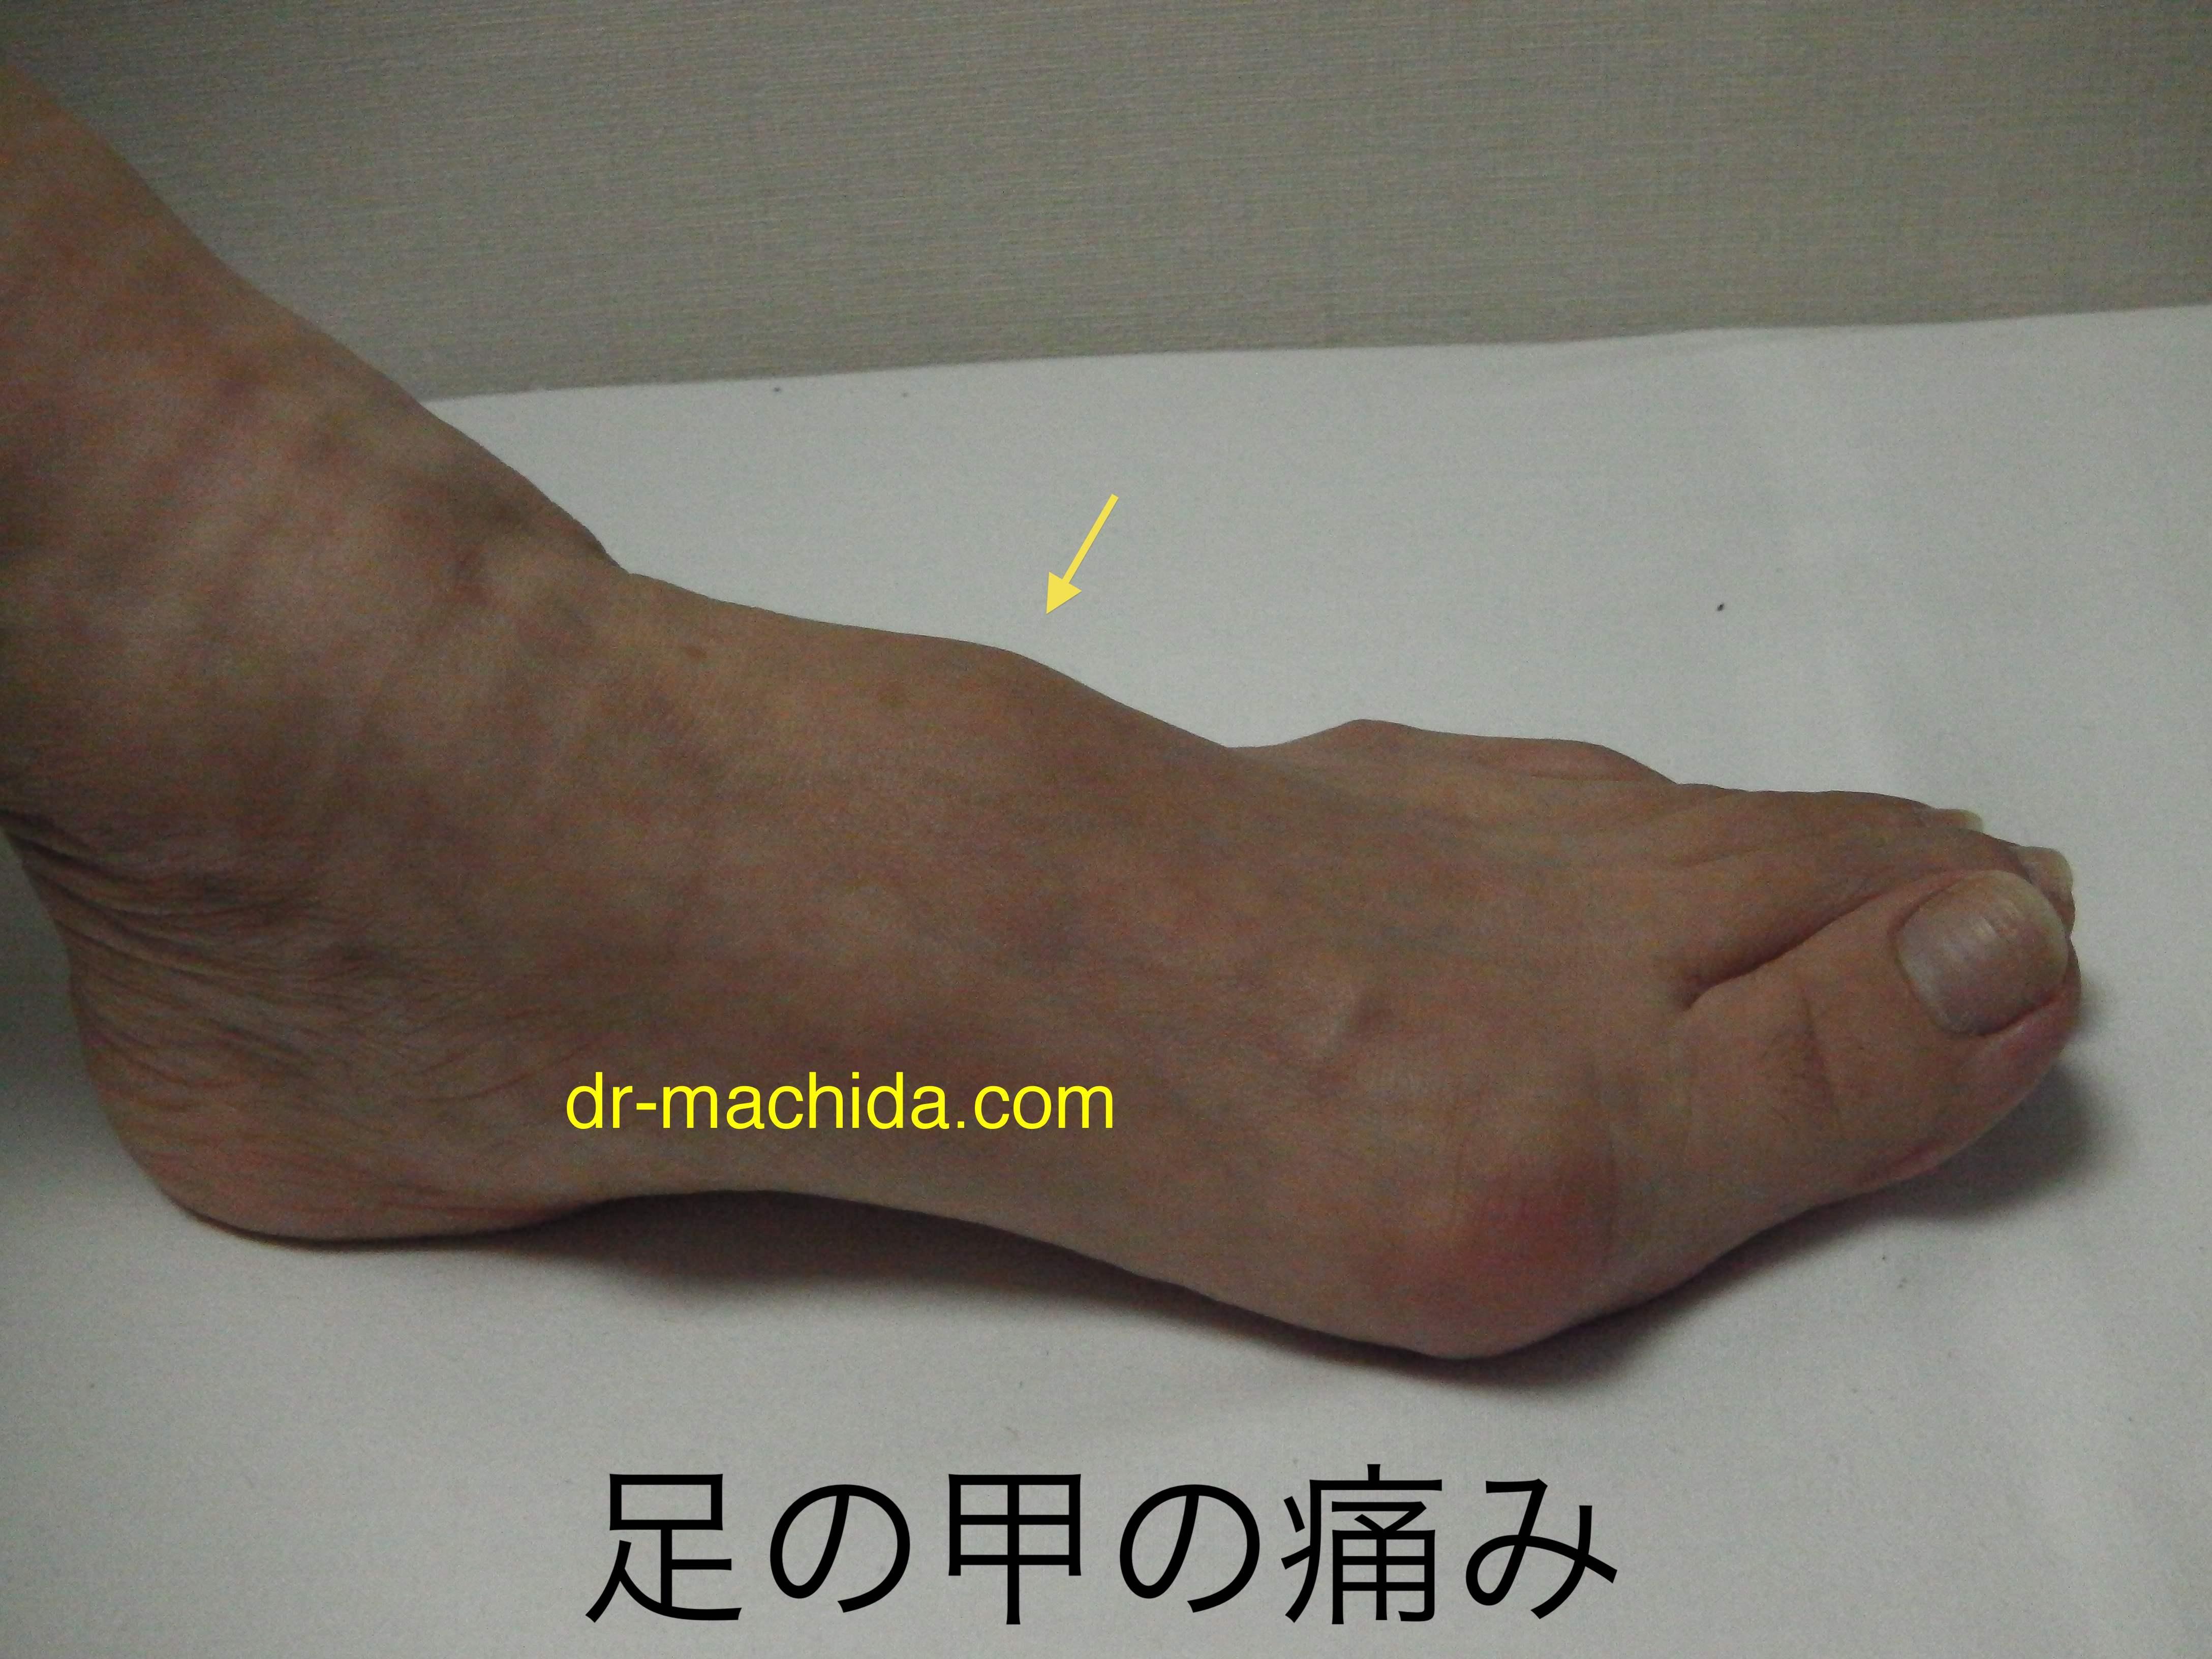 者 甲 むくみ 足 の 高齢 高齢者の足の甲 むくみが「パンパンで痛い!」